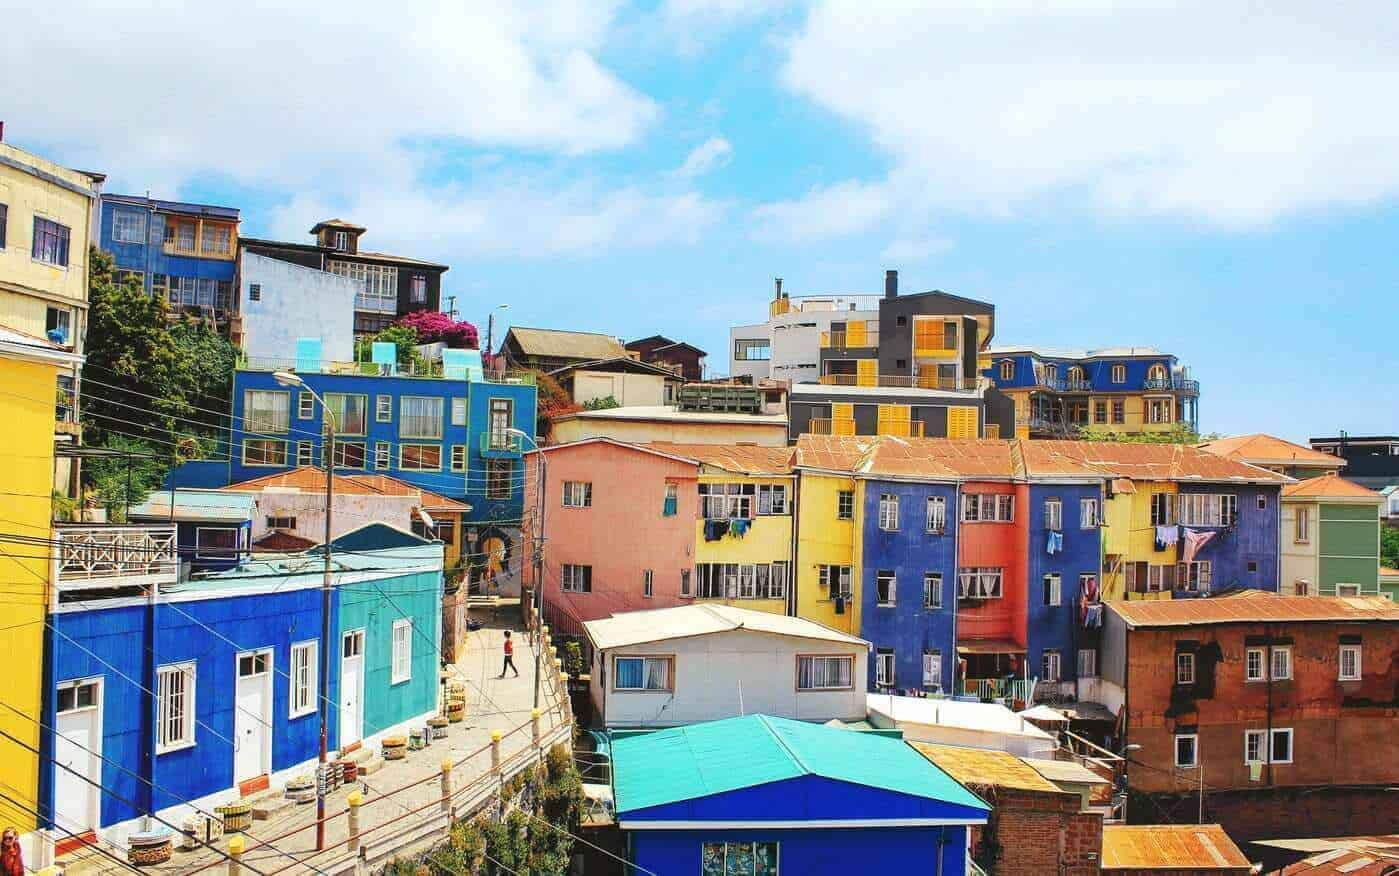 Valpraiso - Chile